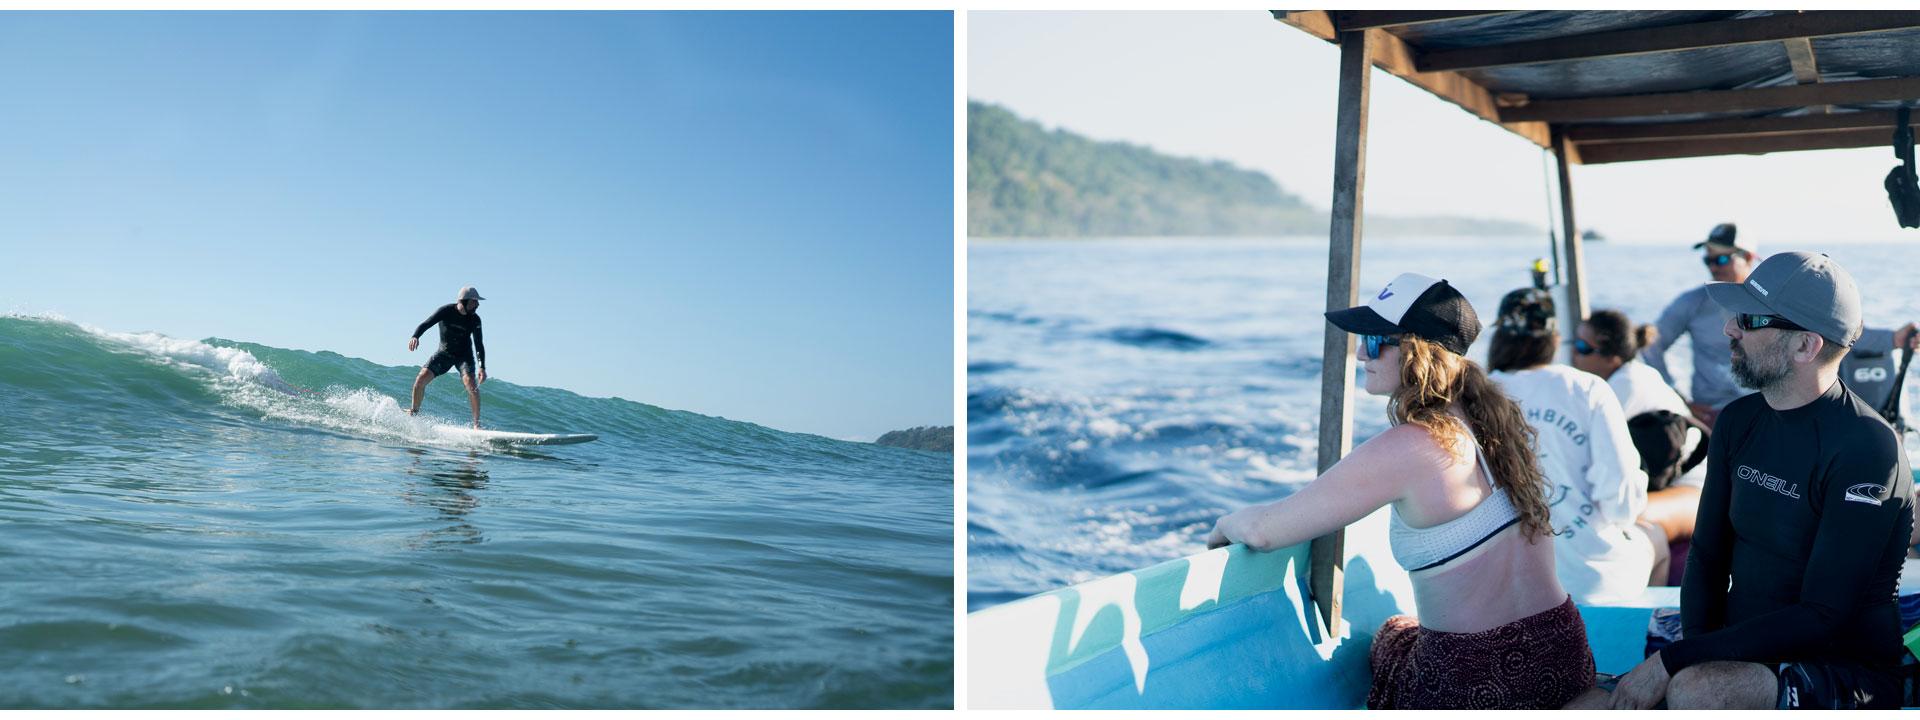 cours-de-surf